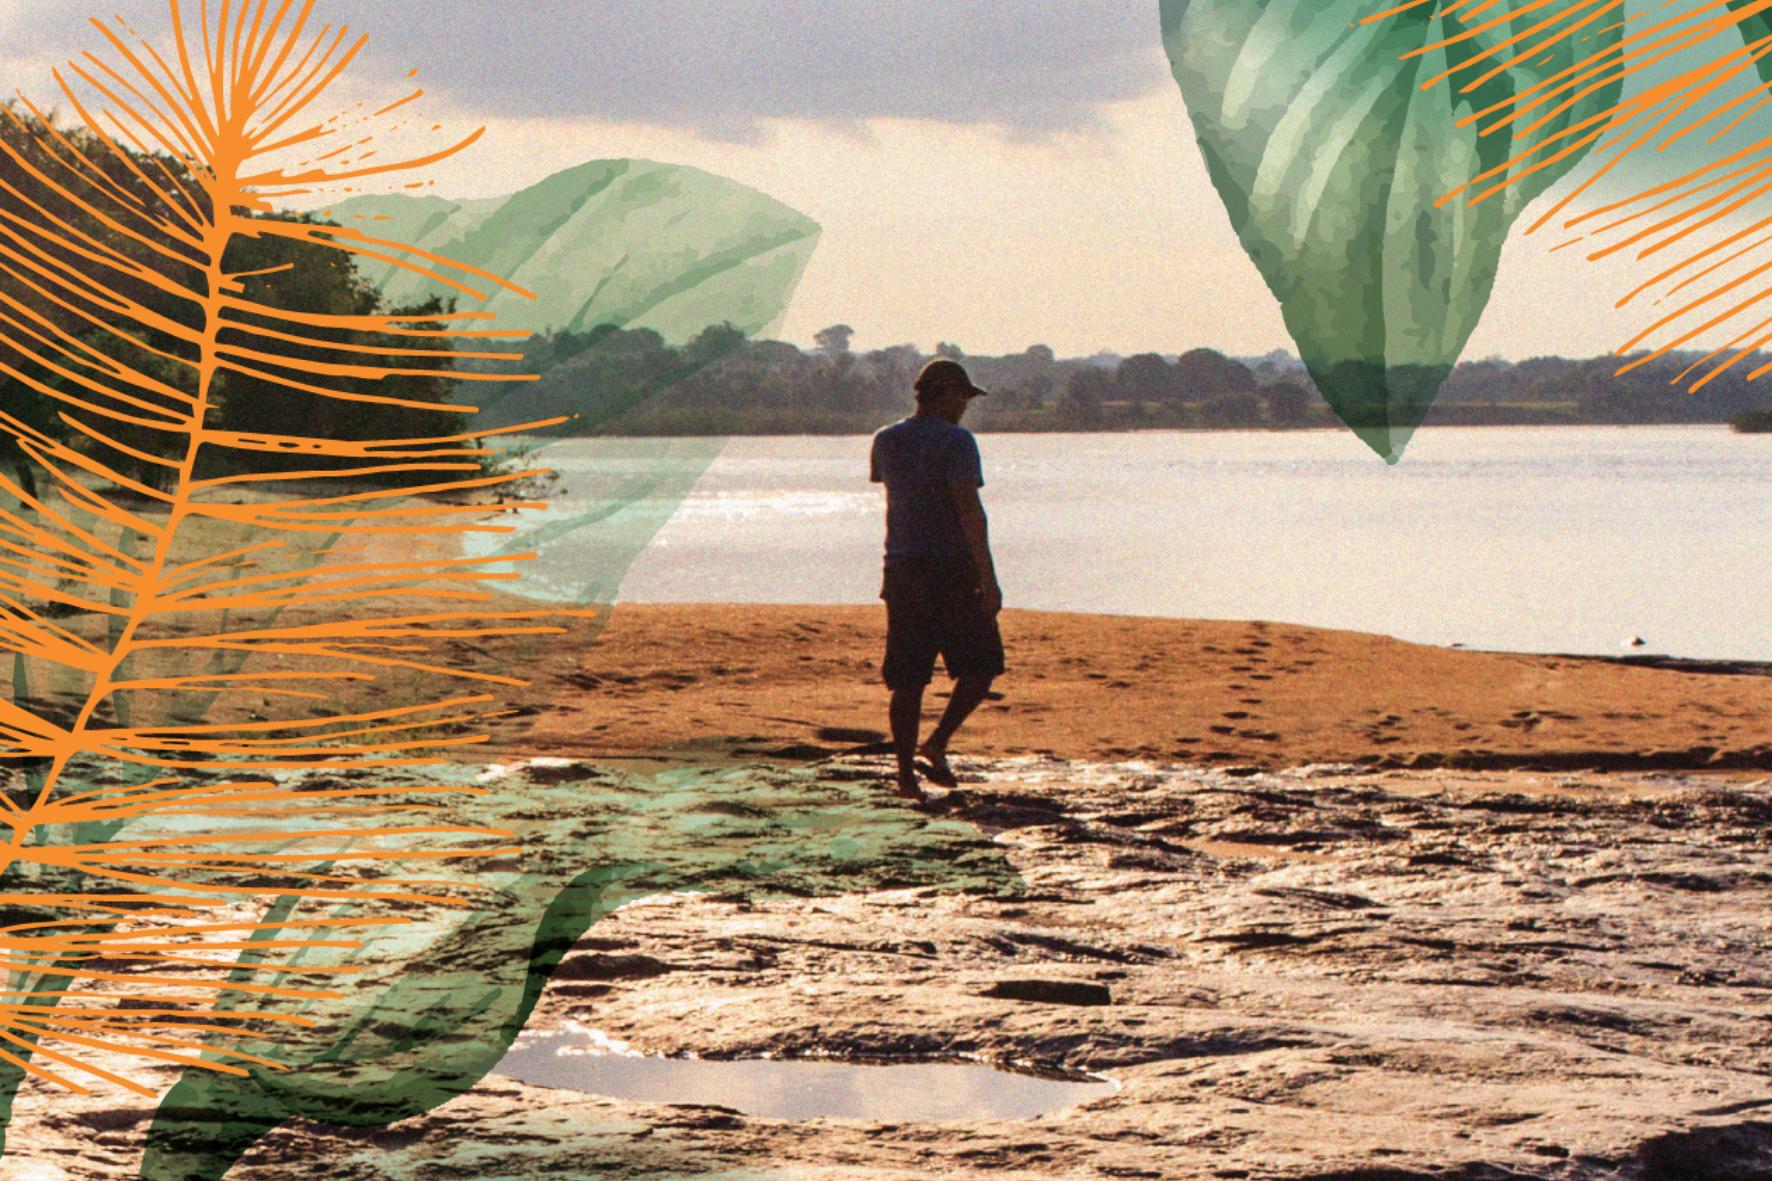 Lambes Imazon Destaque - Dia da Amazônia: Imazon lança série de lambes com imagens e ilustrações do bioma